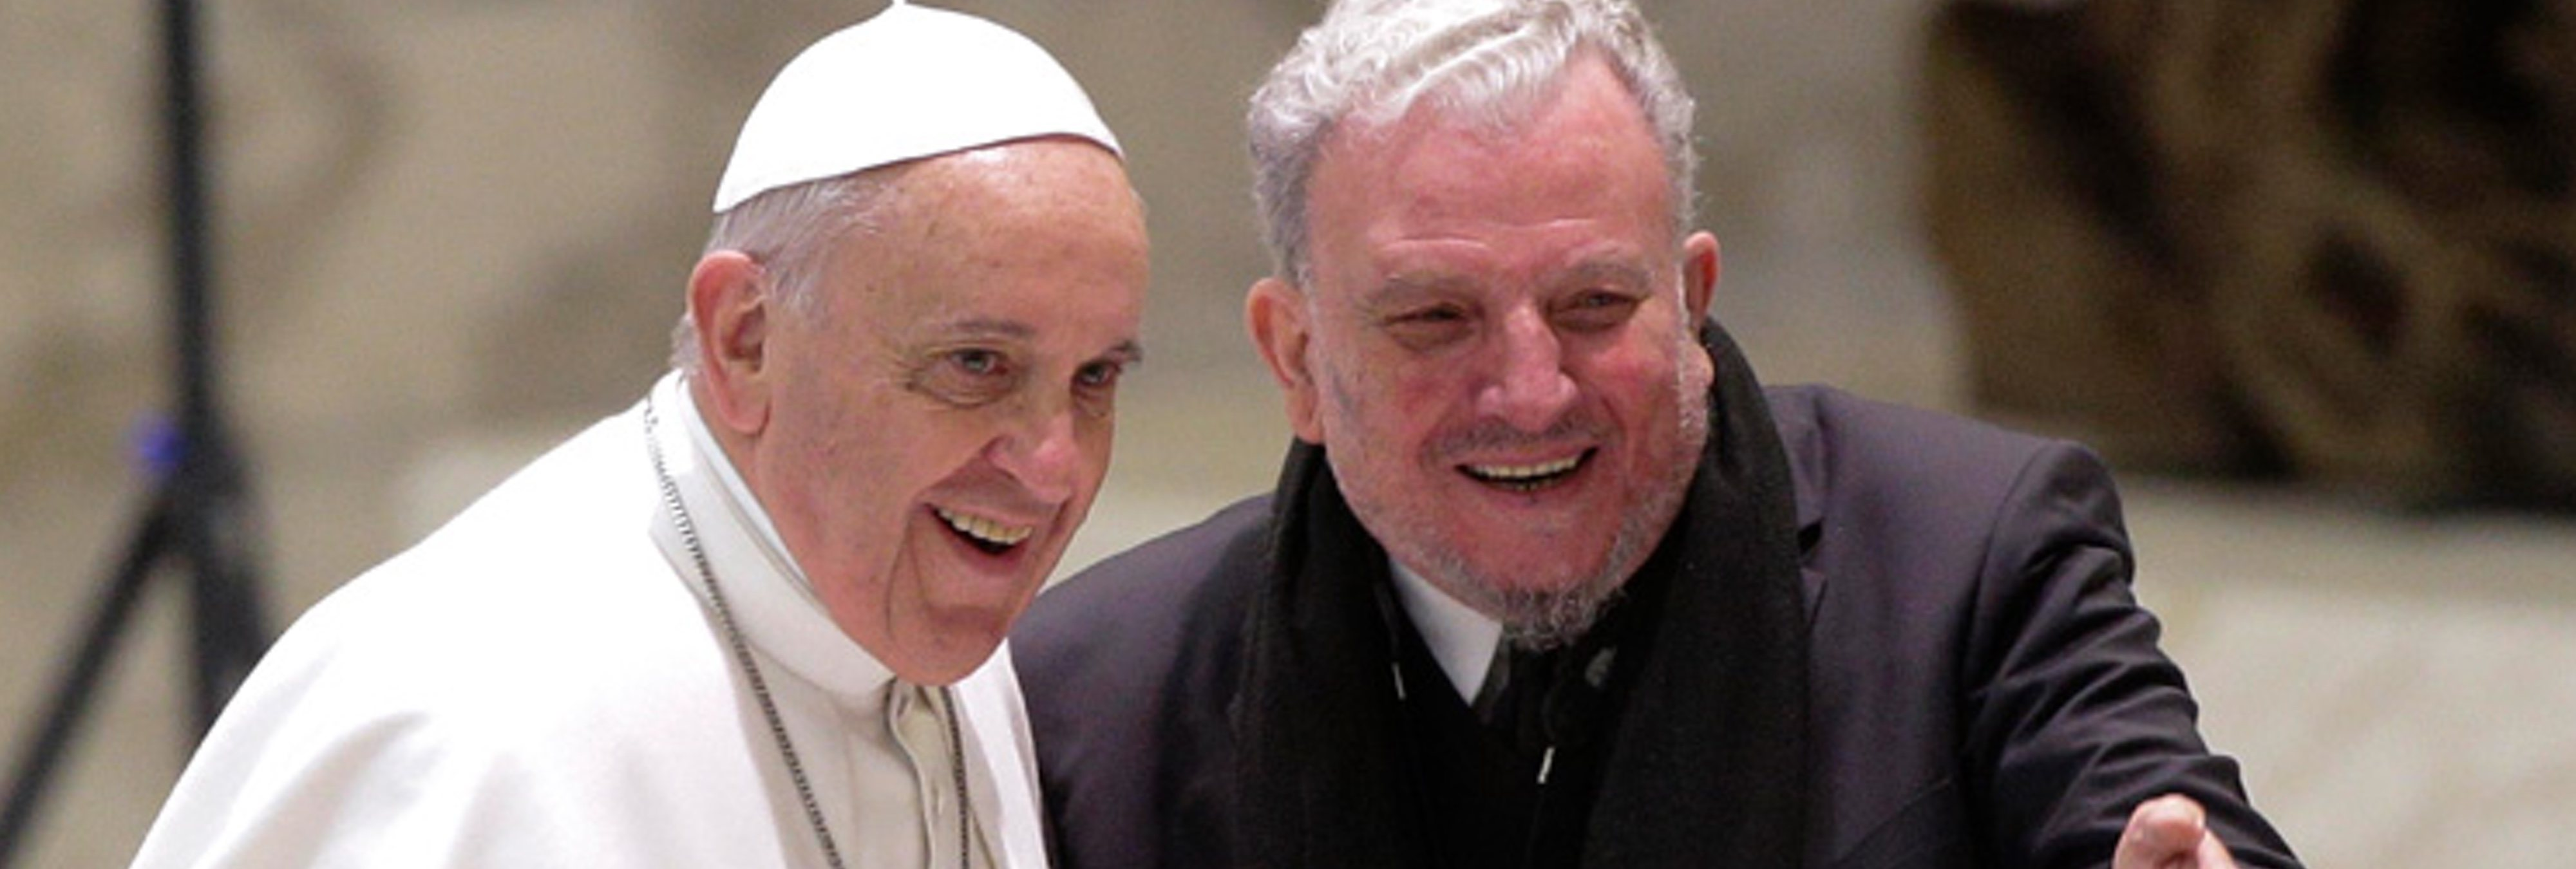 Así es el líder de 'los kikos', la secta católica más temida por los obispos